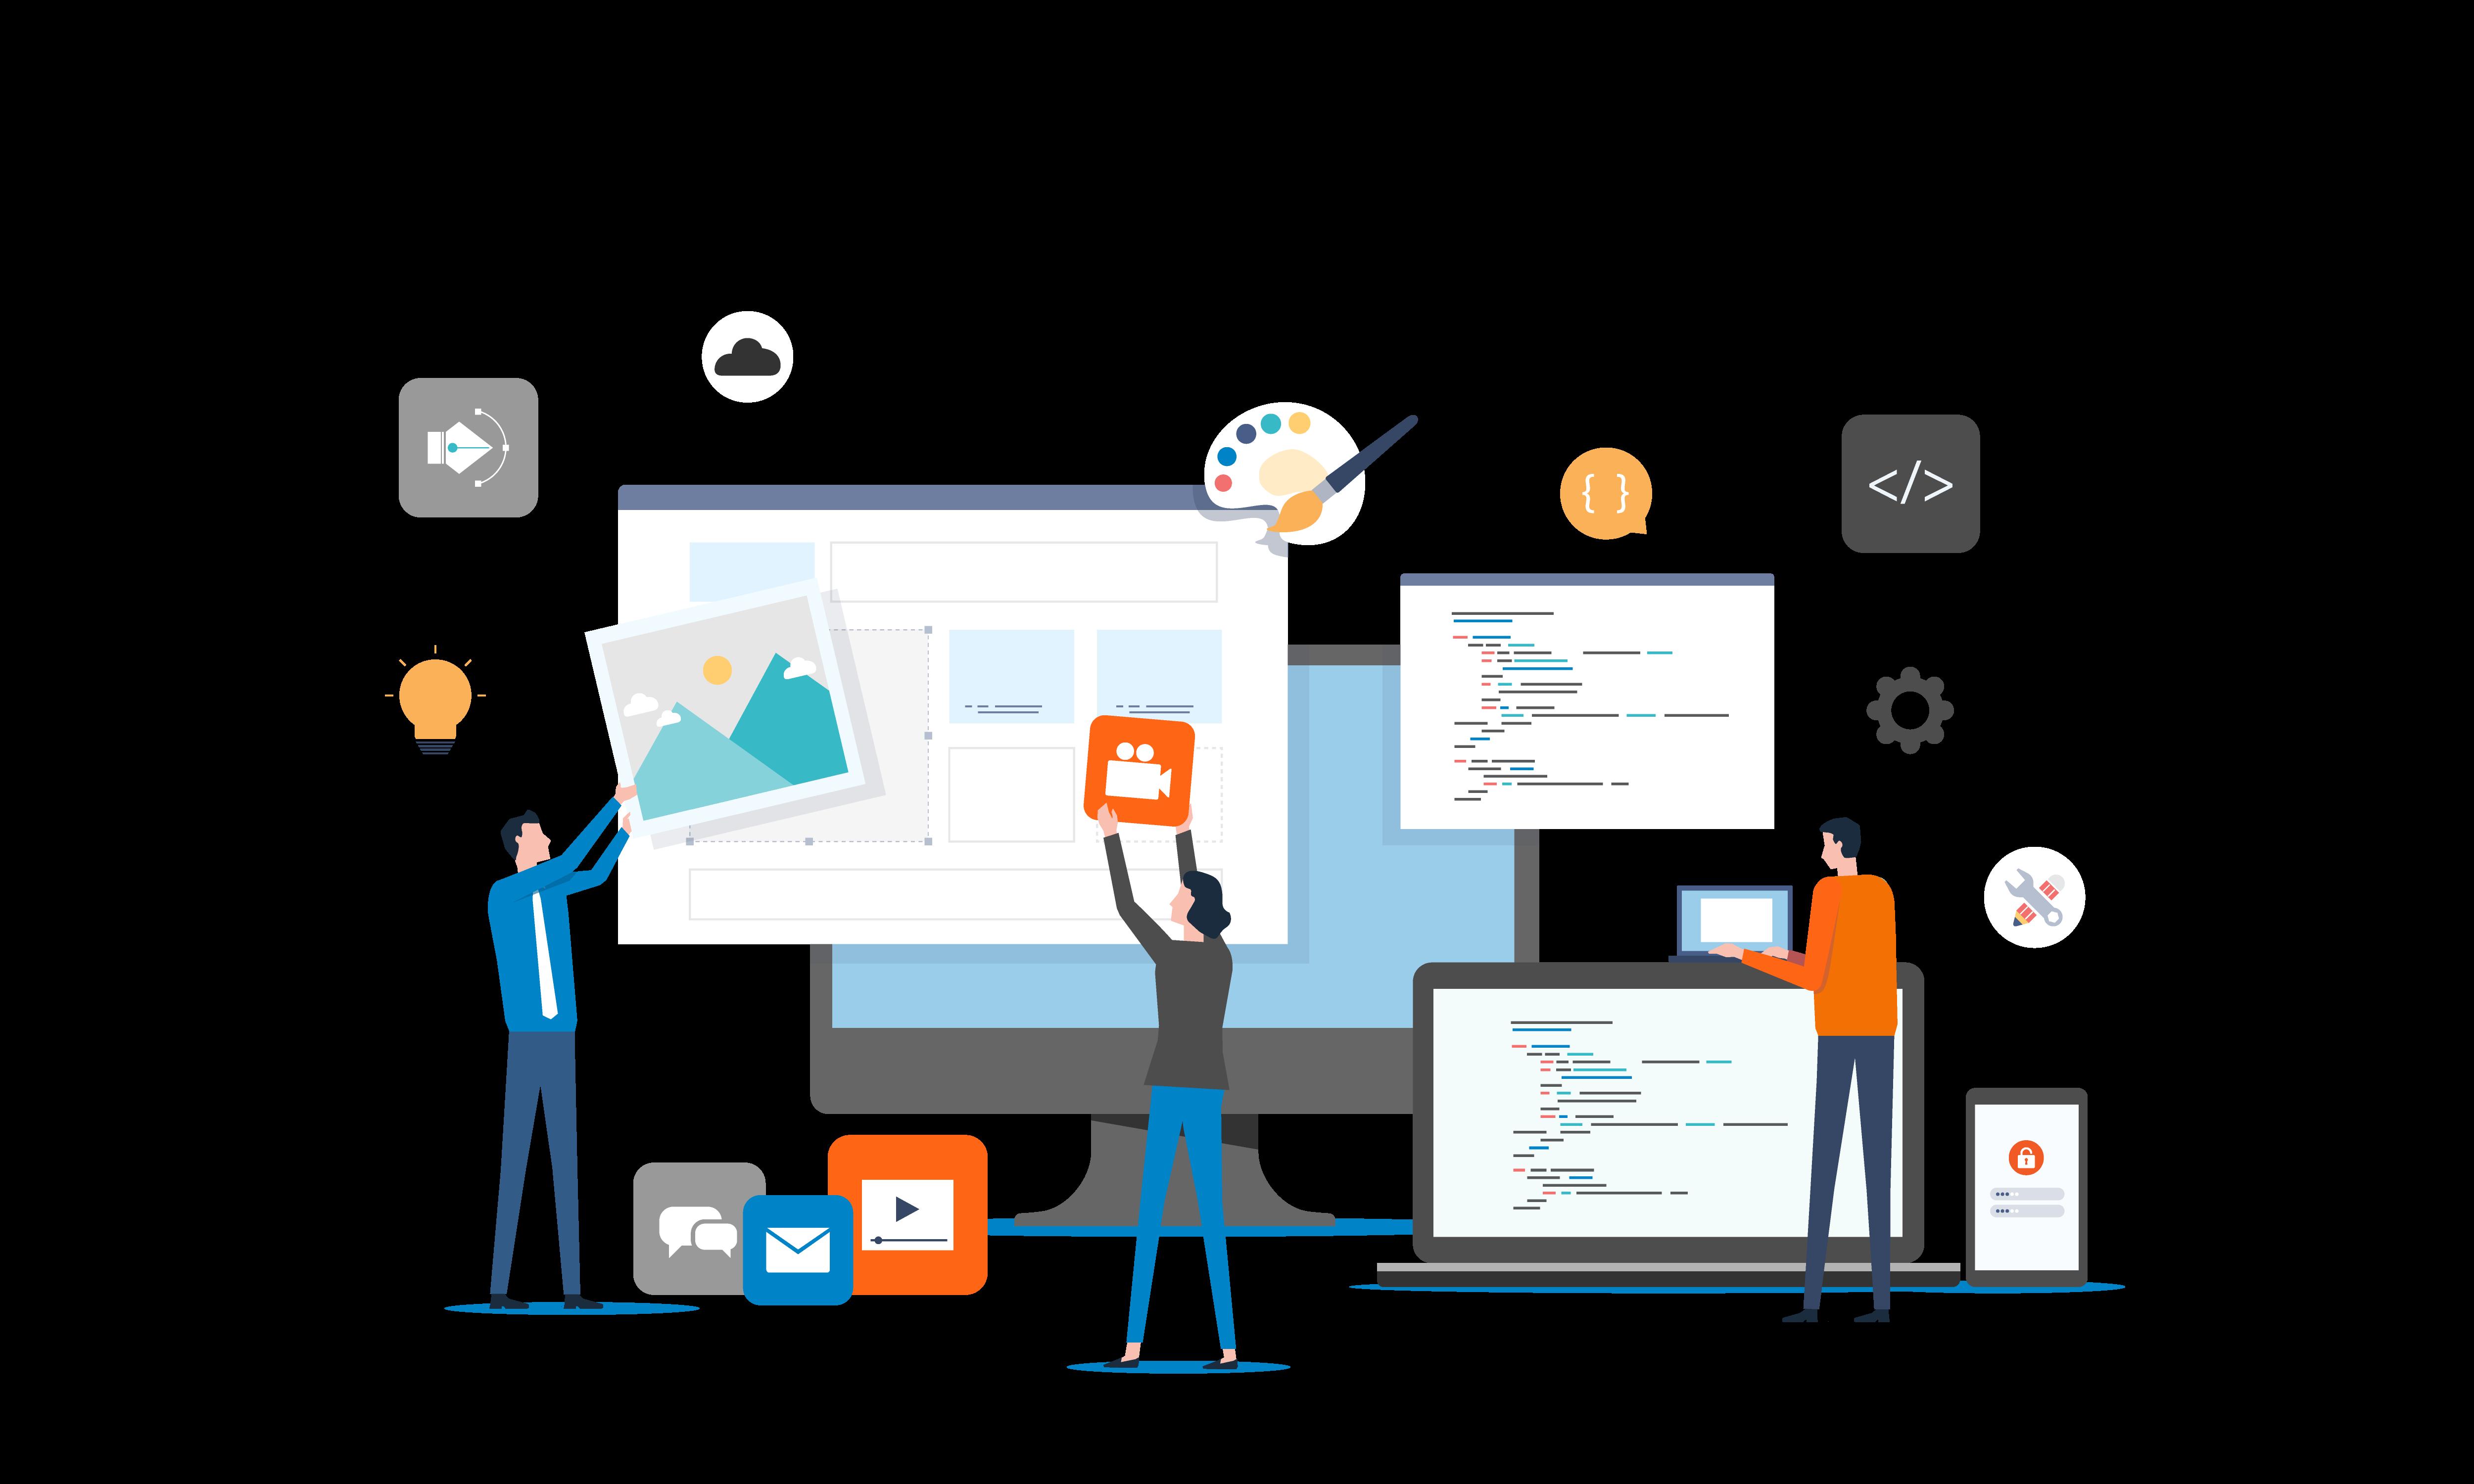 הקמת אתר ועיצובו בקוד על ידי בייט טכנולוגיה הכלולים בתוך דמי הקמה